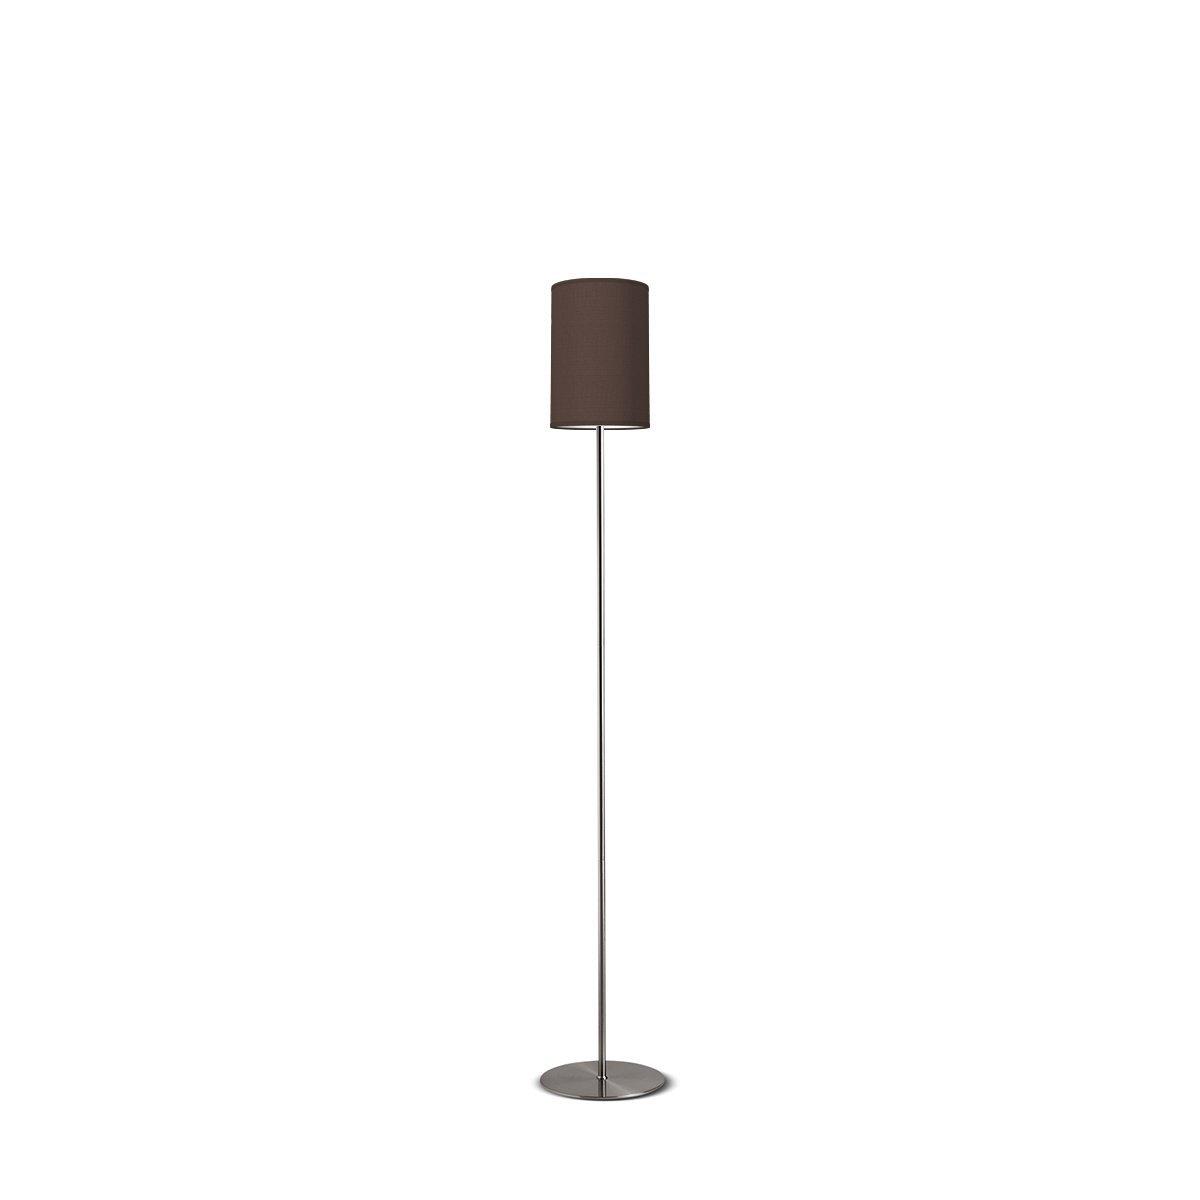 vloerlamp Lift tube 20 - bruin